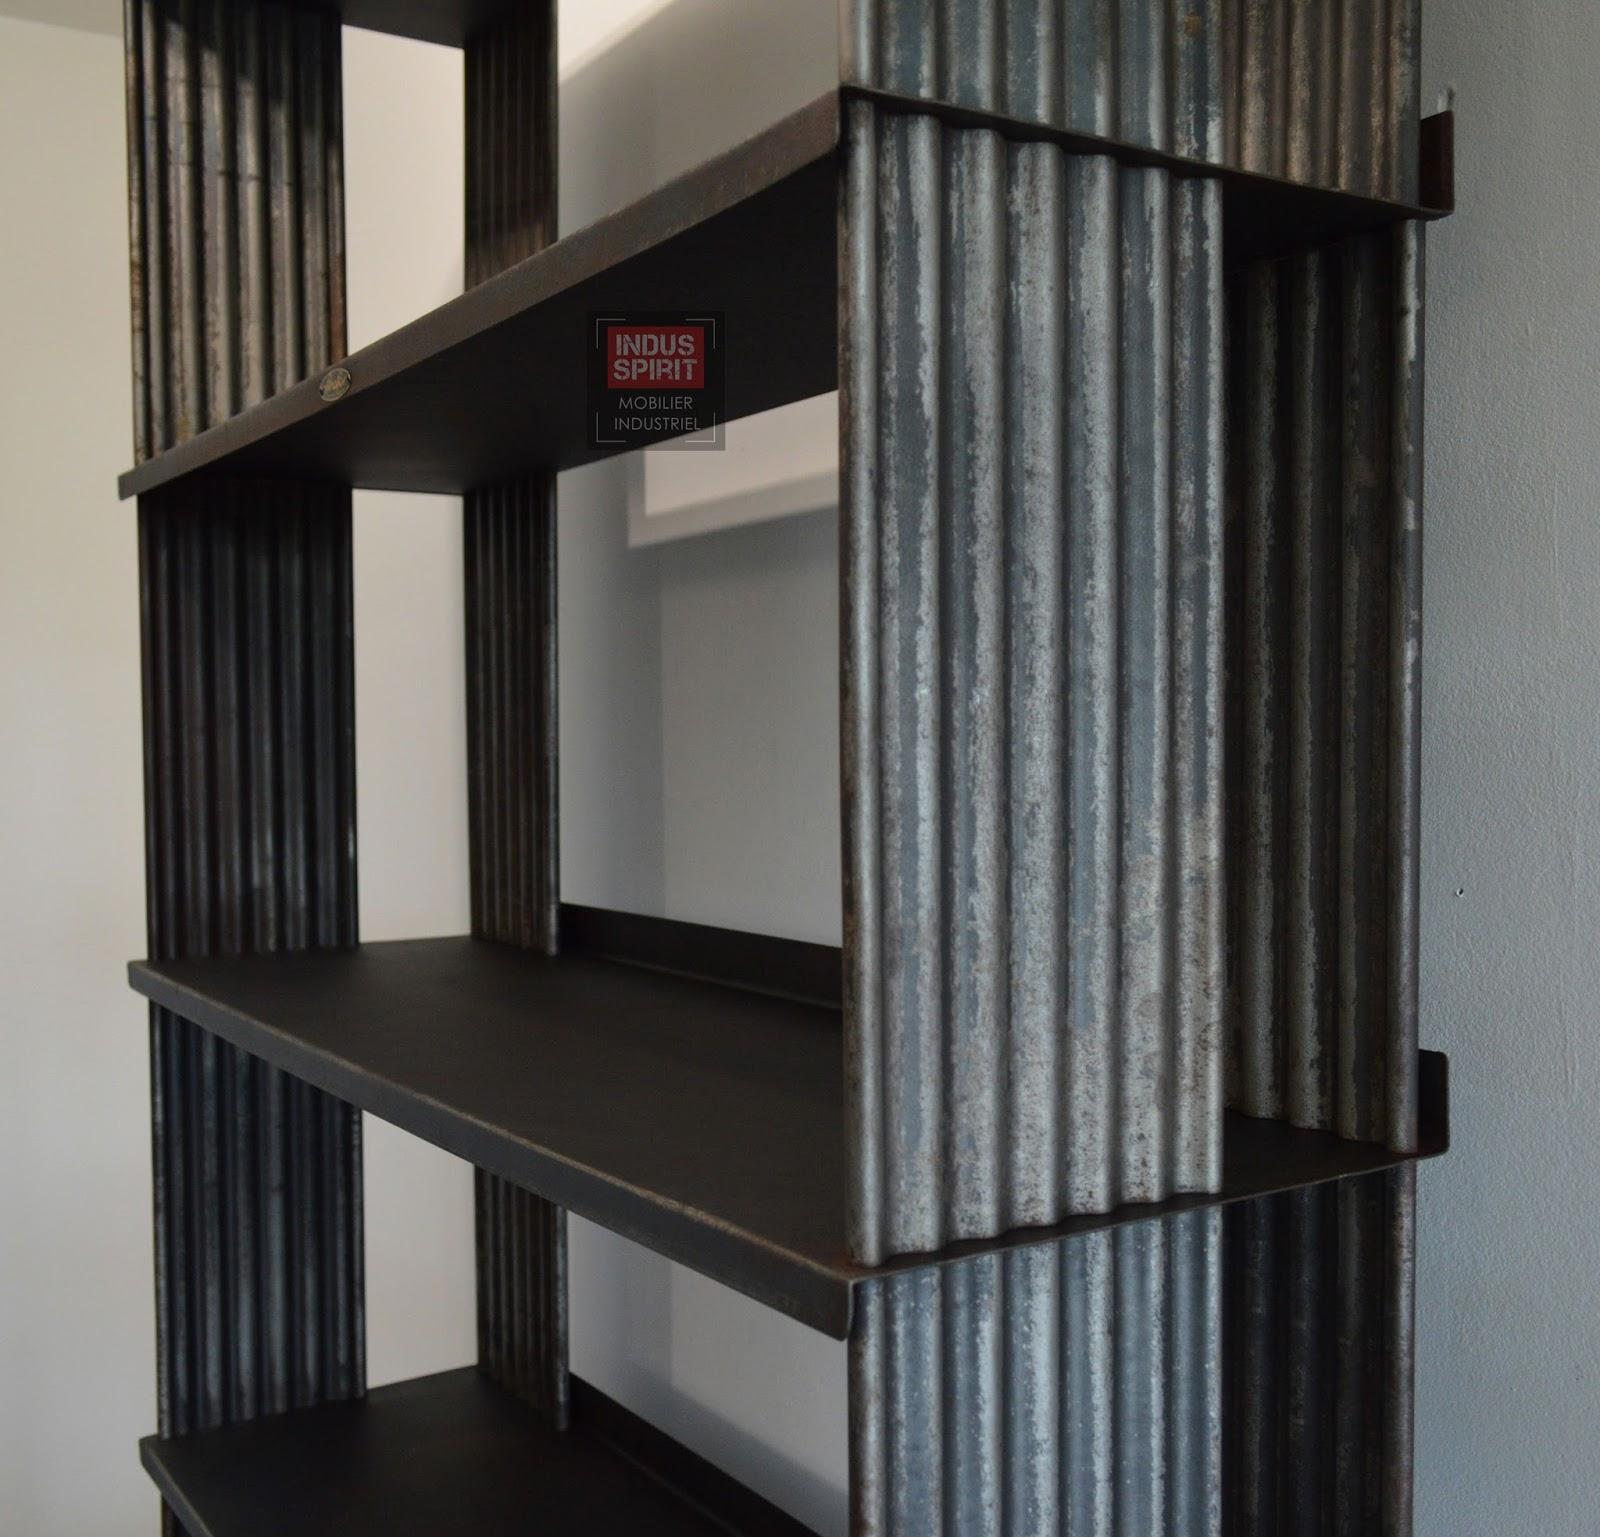 Meuble industriel d coration industrielle meuble de m tier lyon boutique indus spirit for Meuble design strasbourg